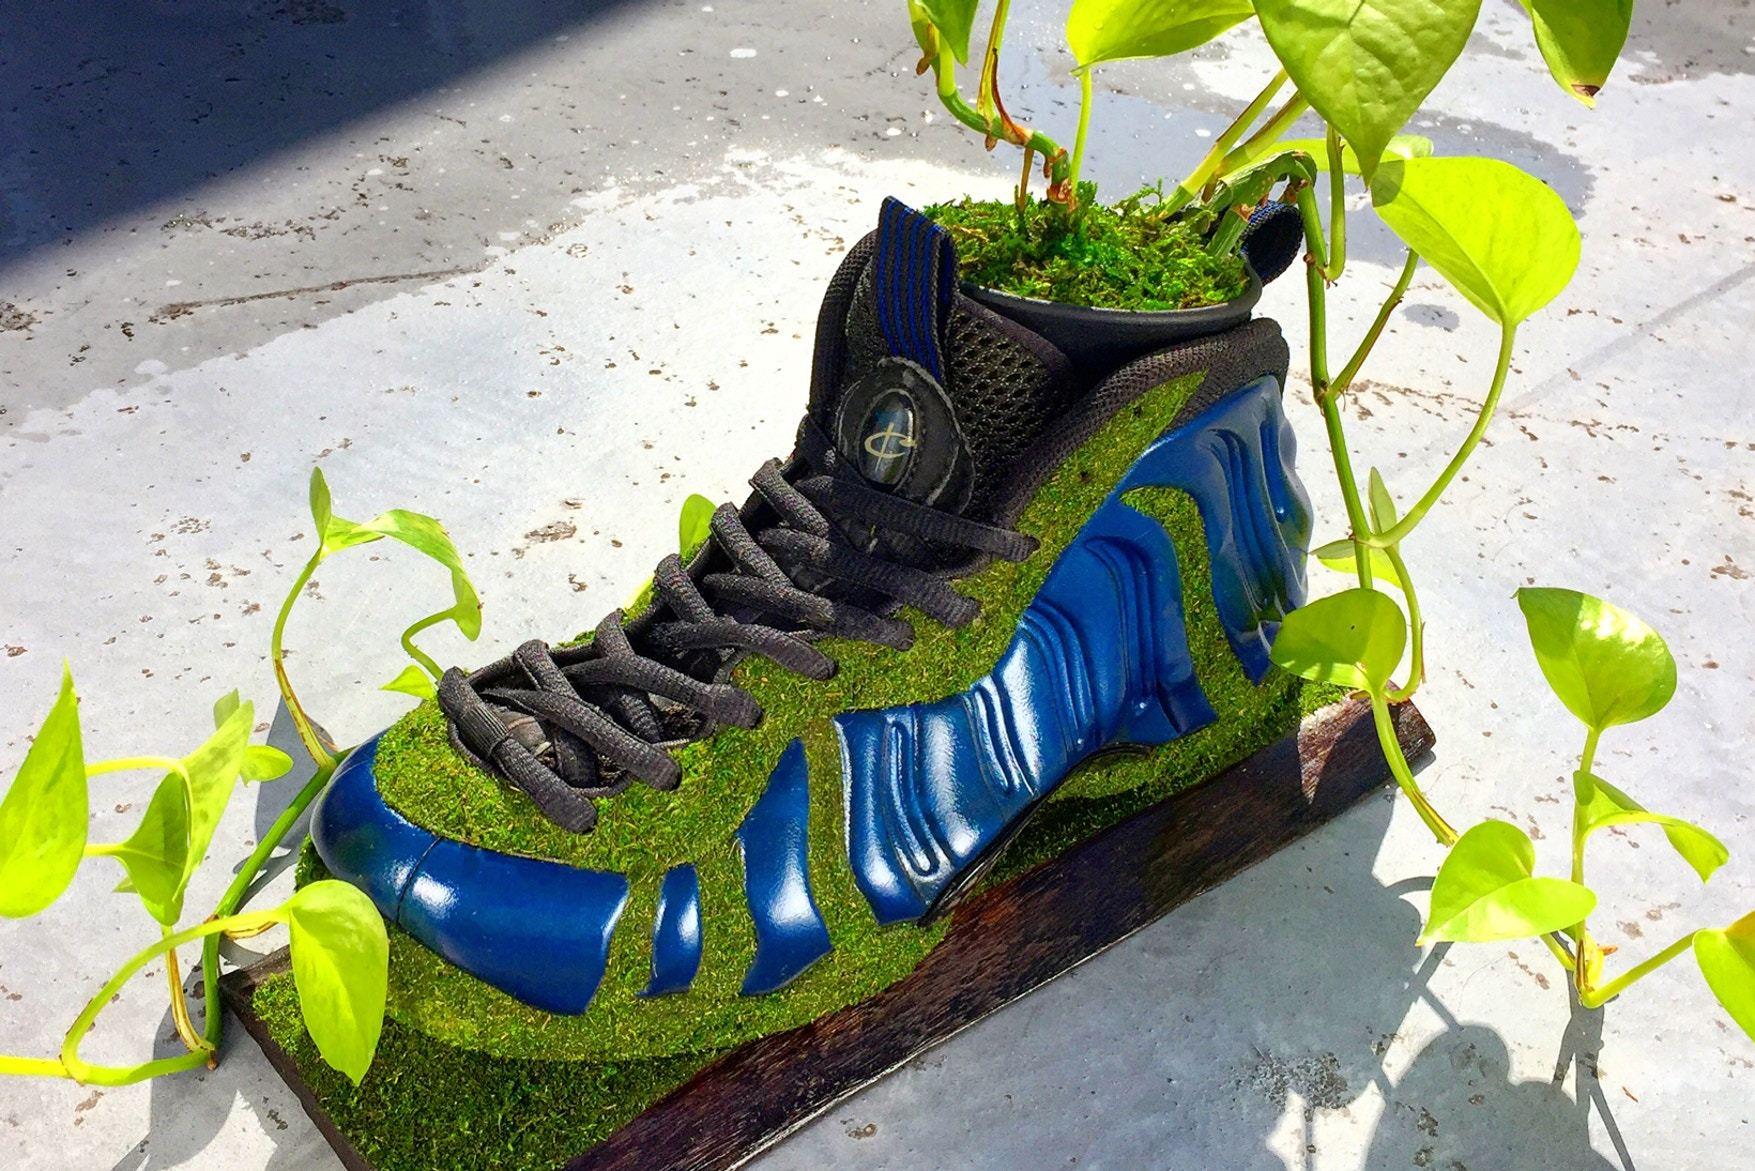 Artist Shoetree Nike Sneakers Sculptural Houseplants 1